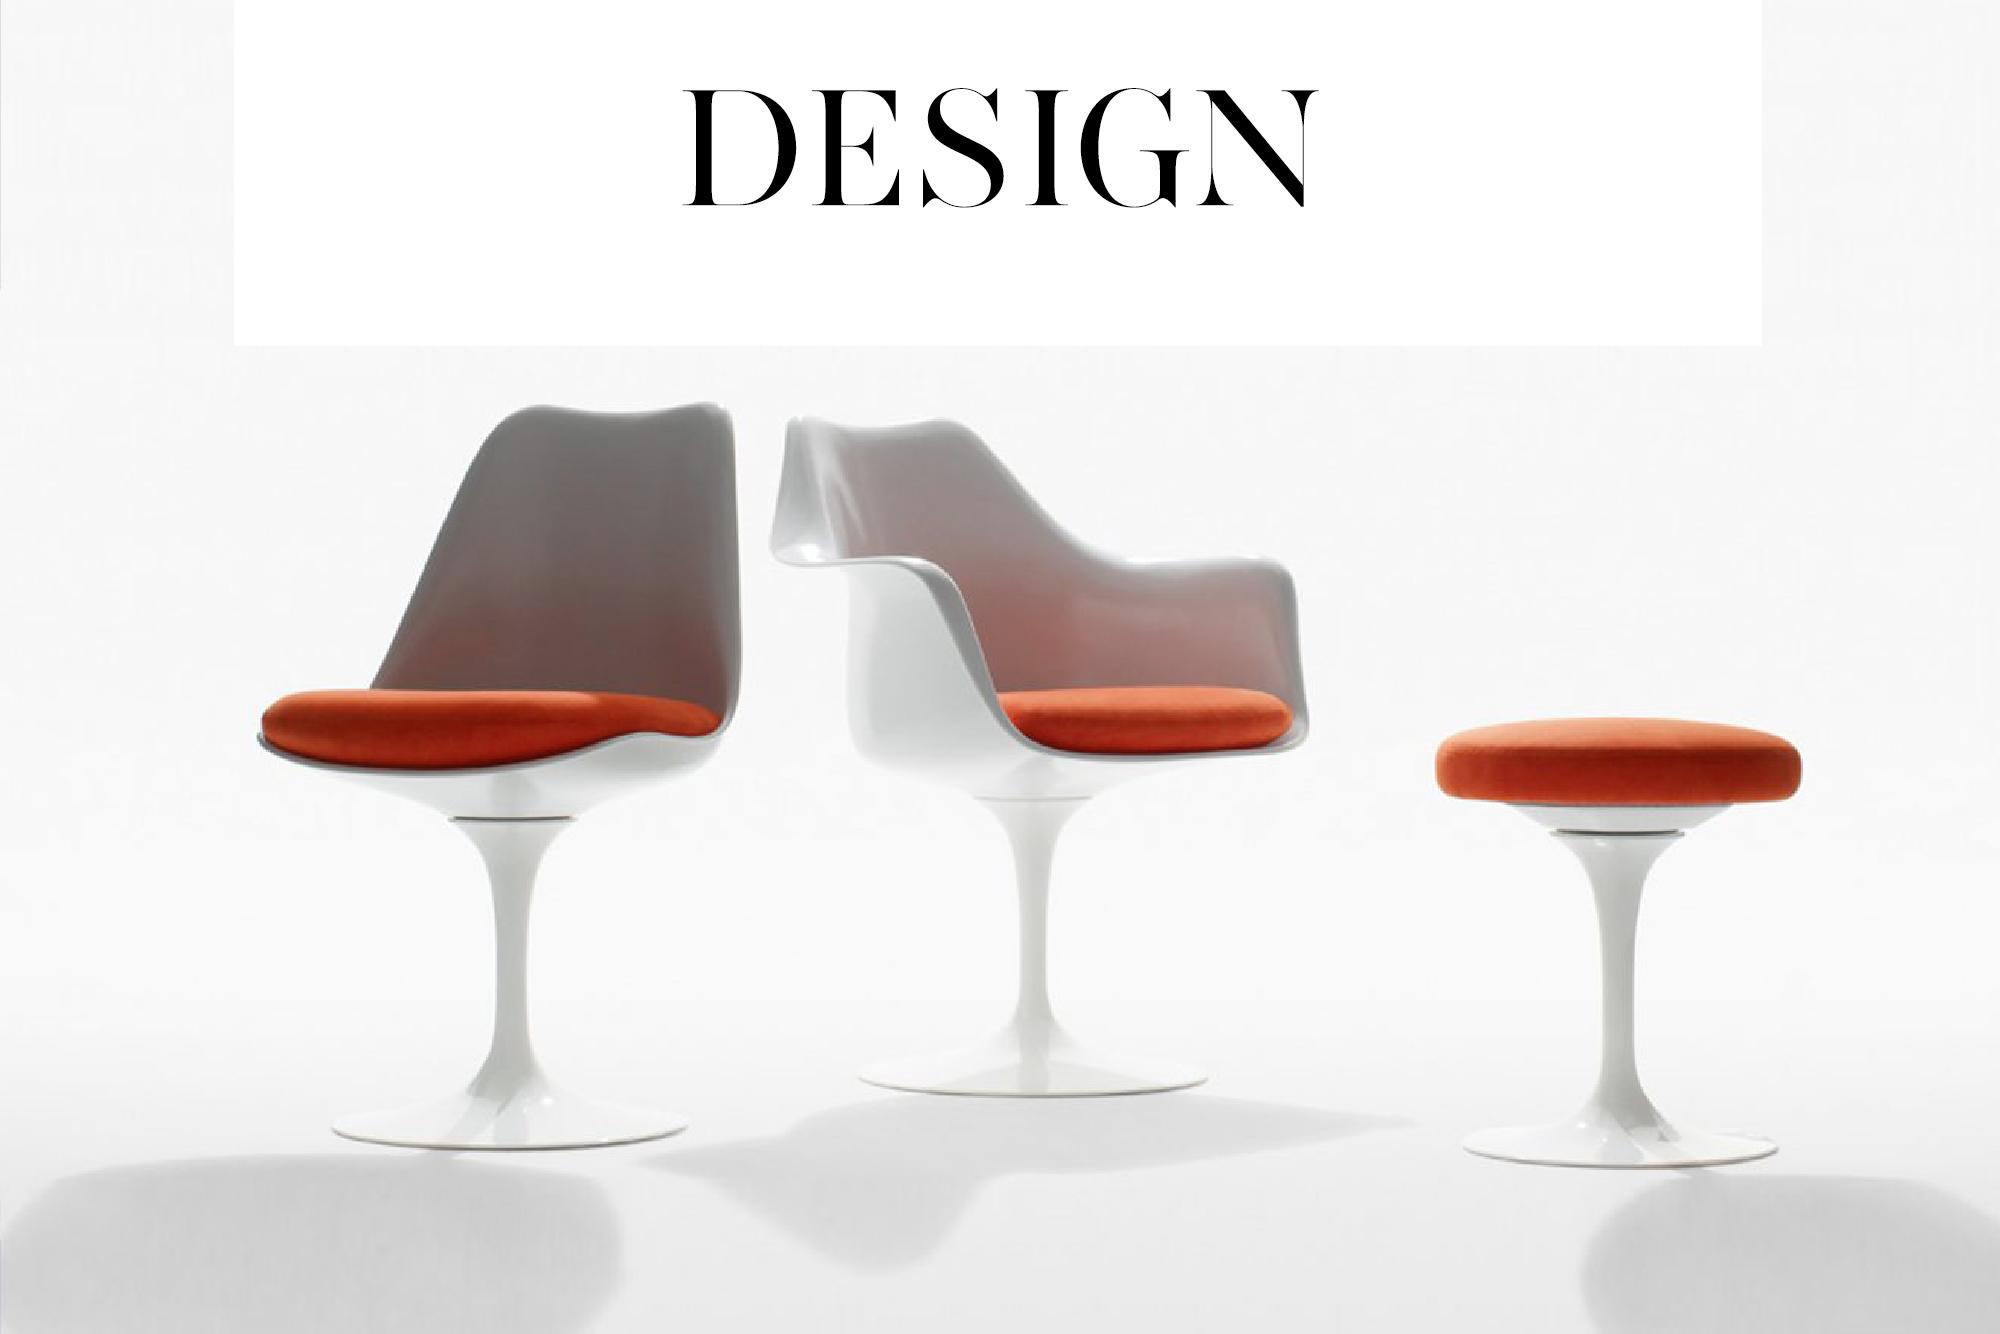 Design_article-couv-historique